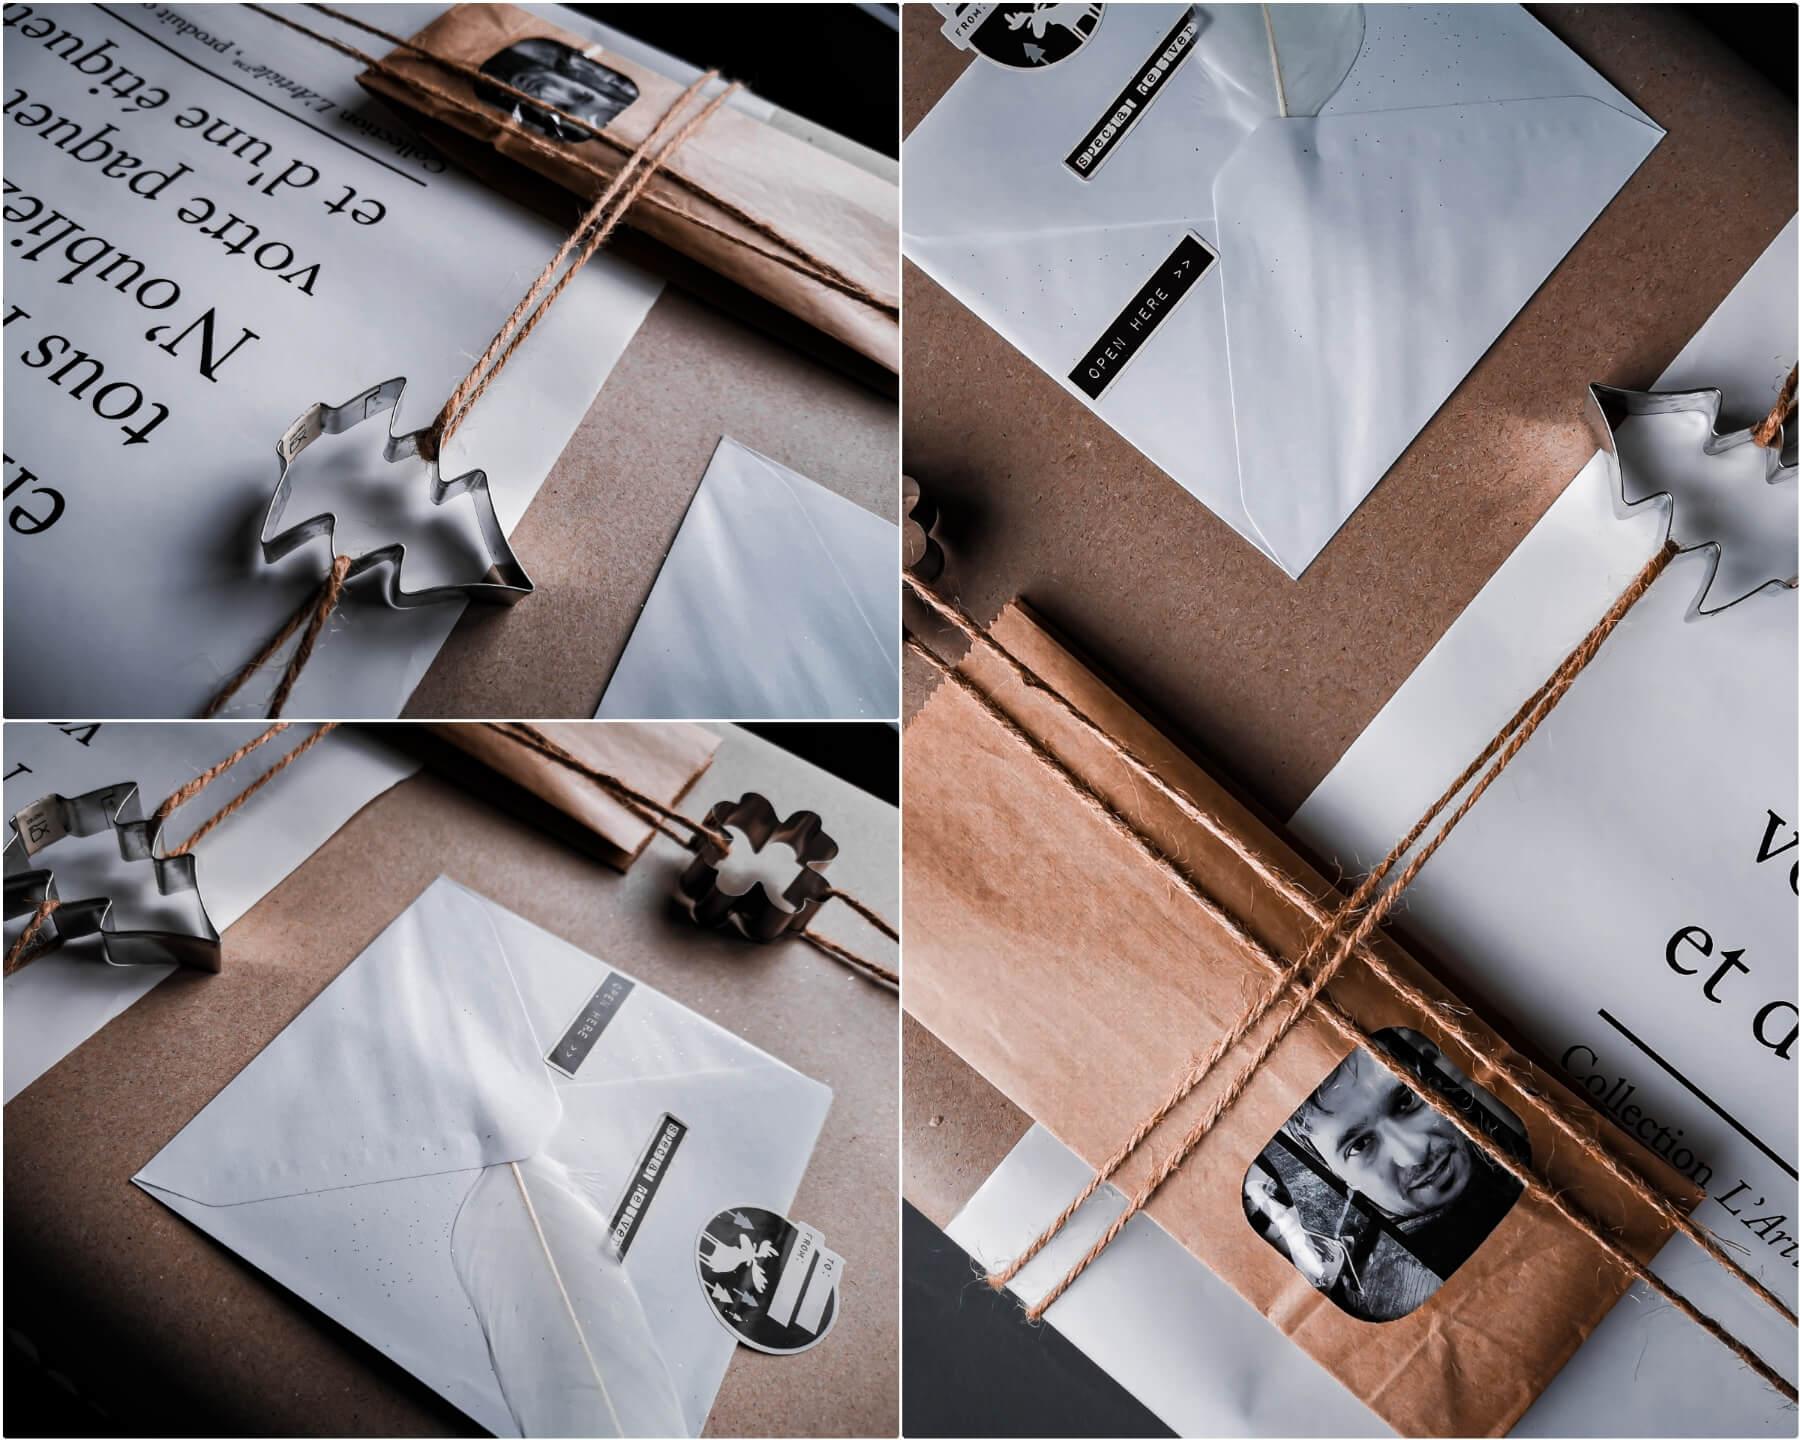 inCollage 20191208 170729642 resized 20191208 050953123 1 - Geschenke verpacken: 11 kreative Tipps zum Selbermachen